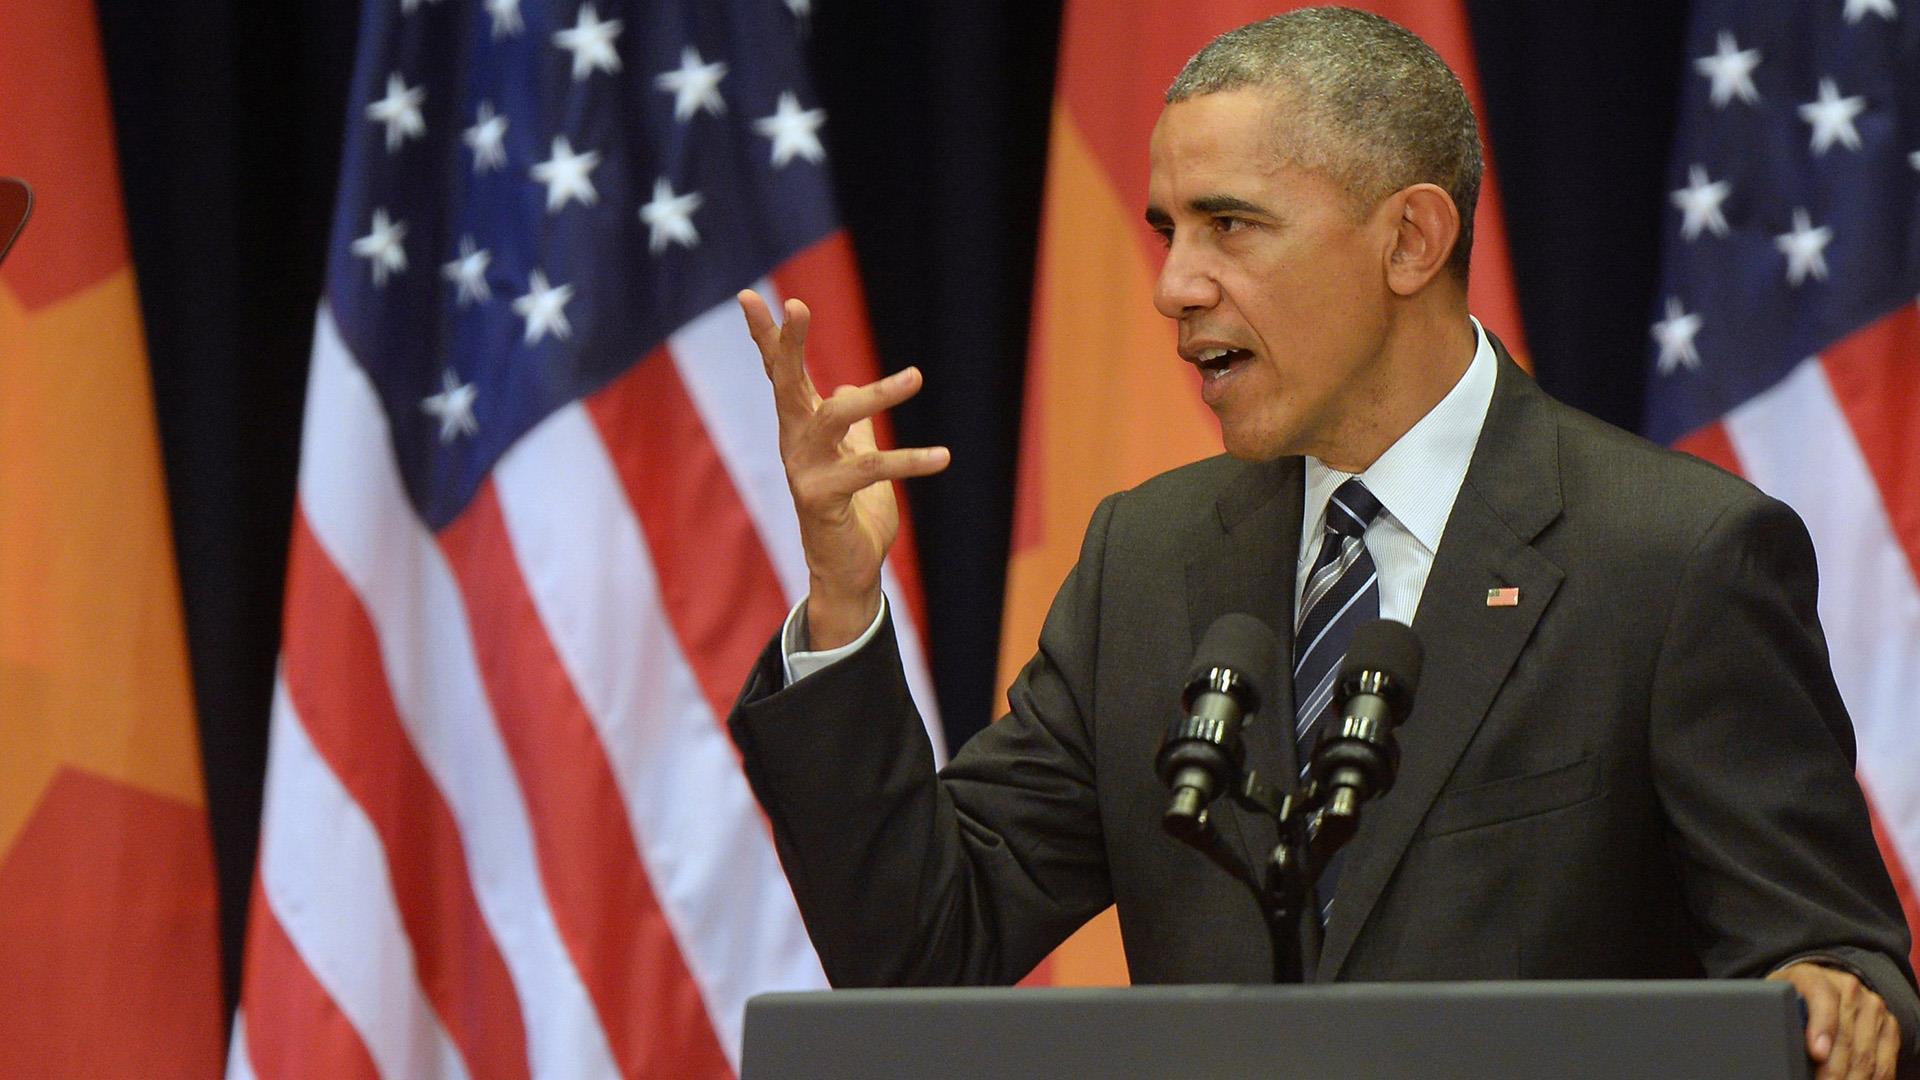 Obama in Vietnam: I've Never Seen So Many Motorbikes